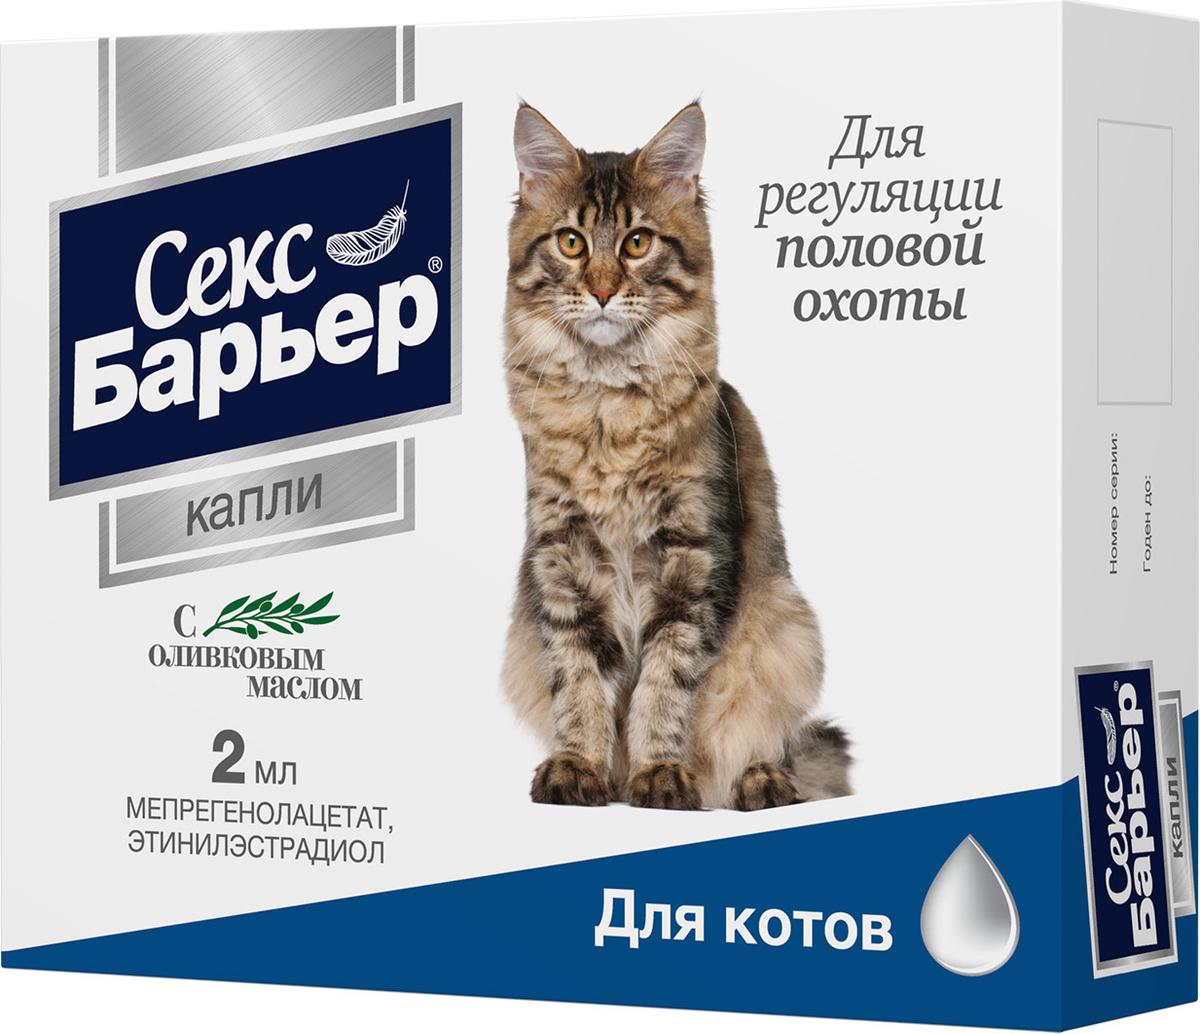 Капли Секс-Барьер, для котов, Астр710033, 2 мл #1